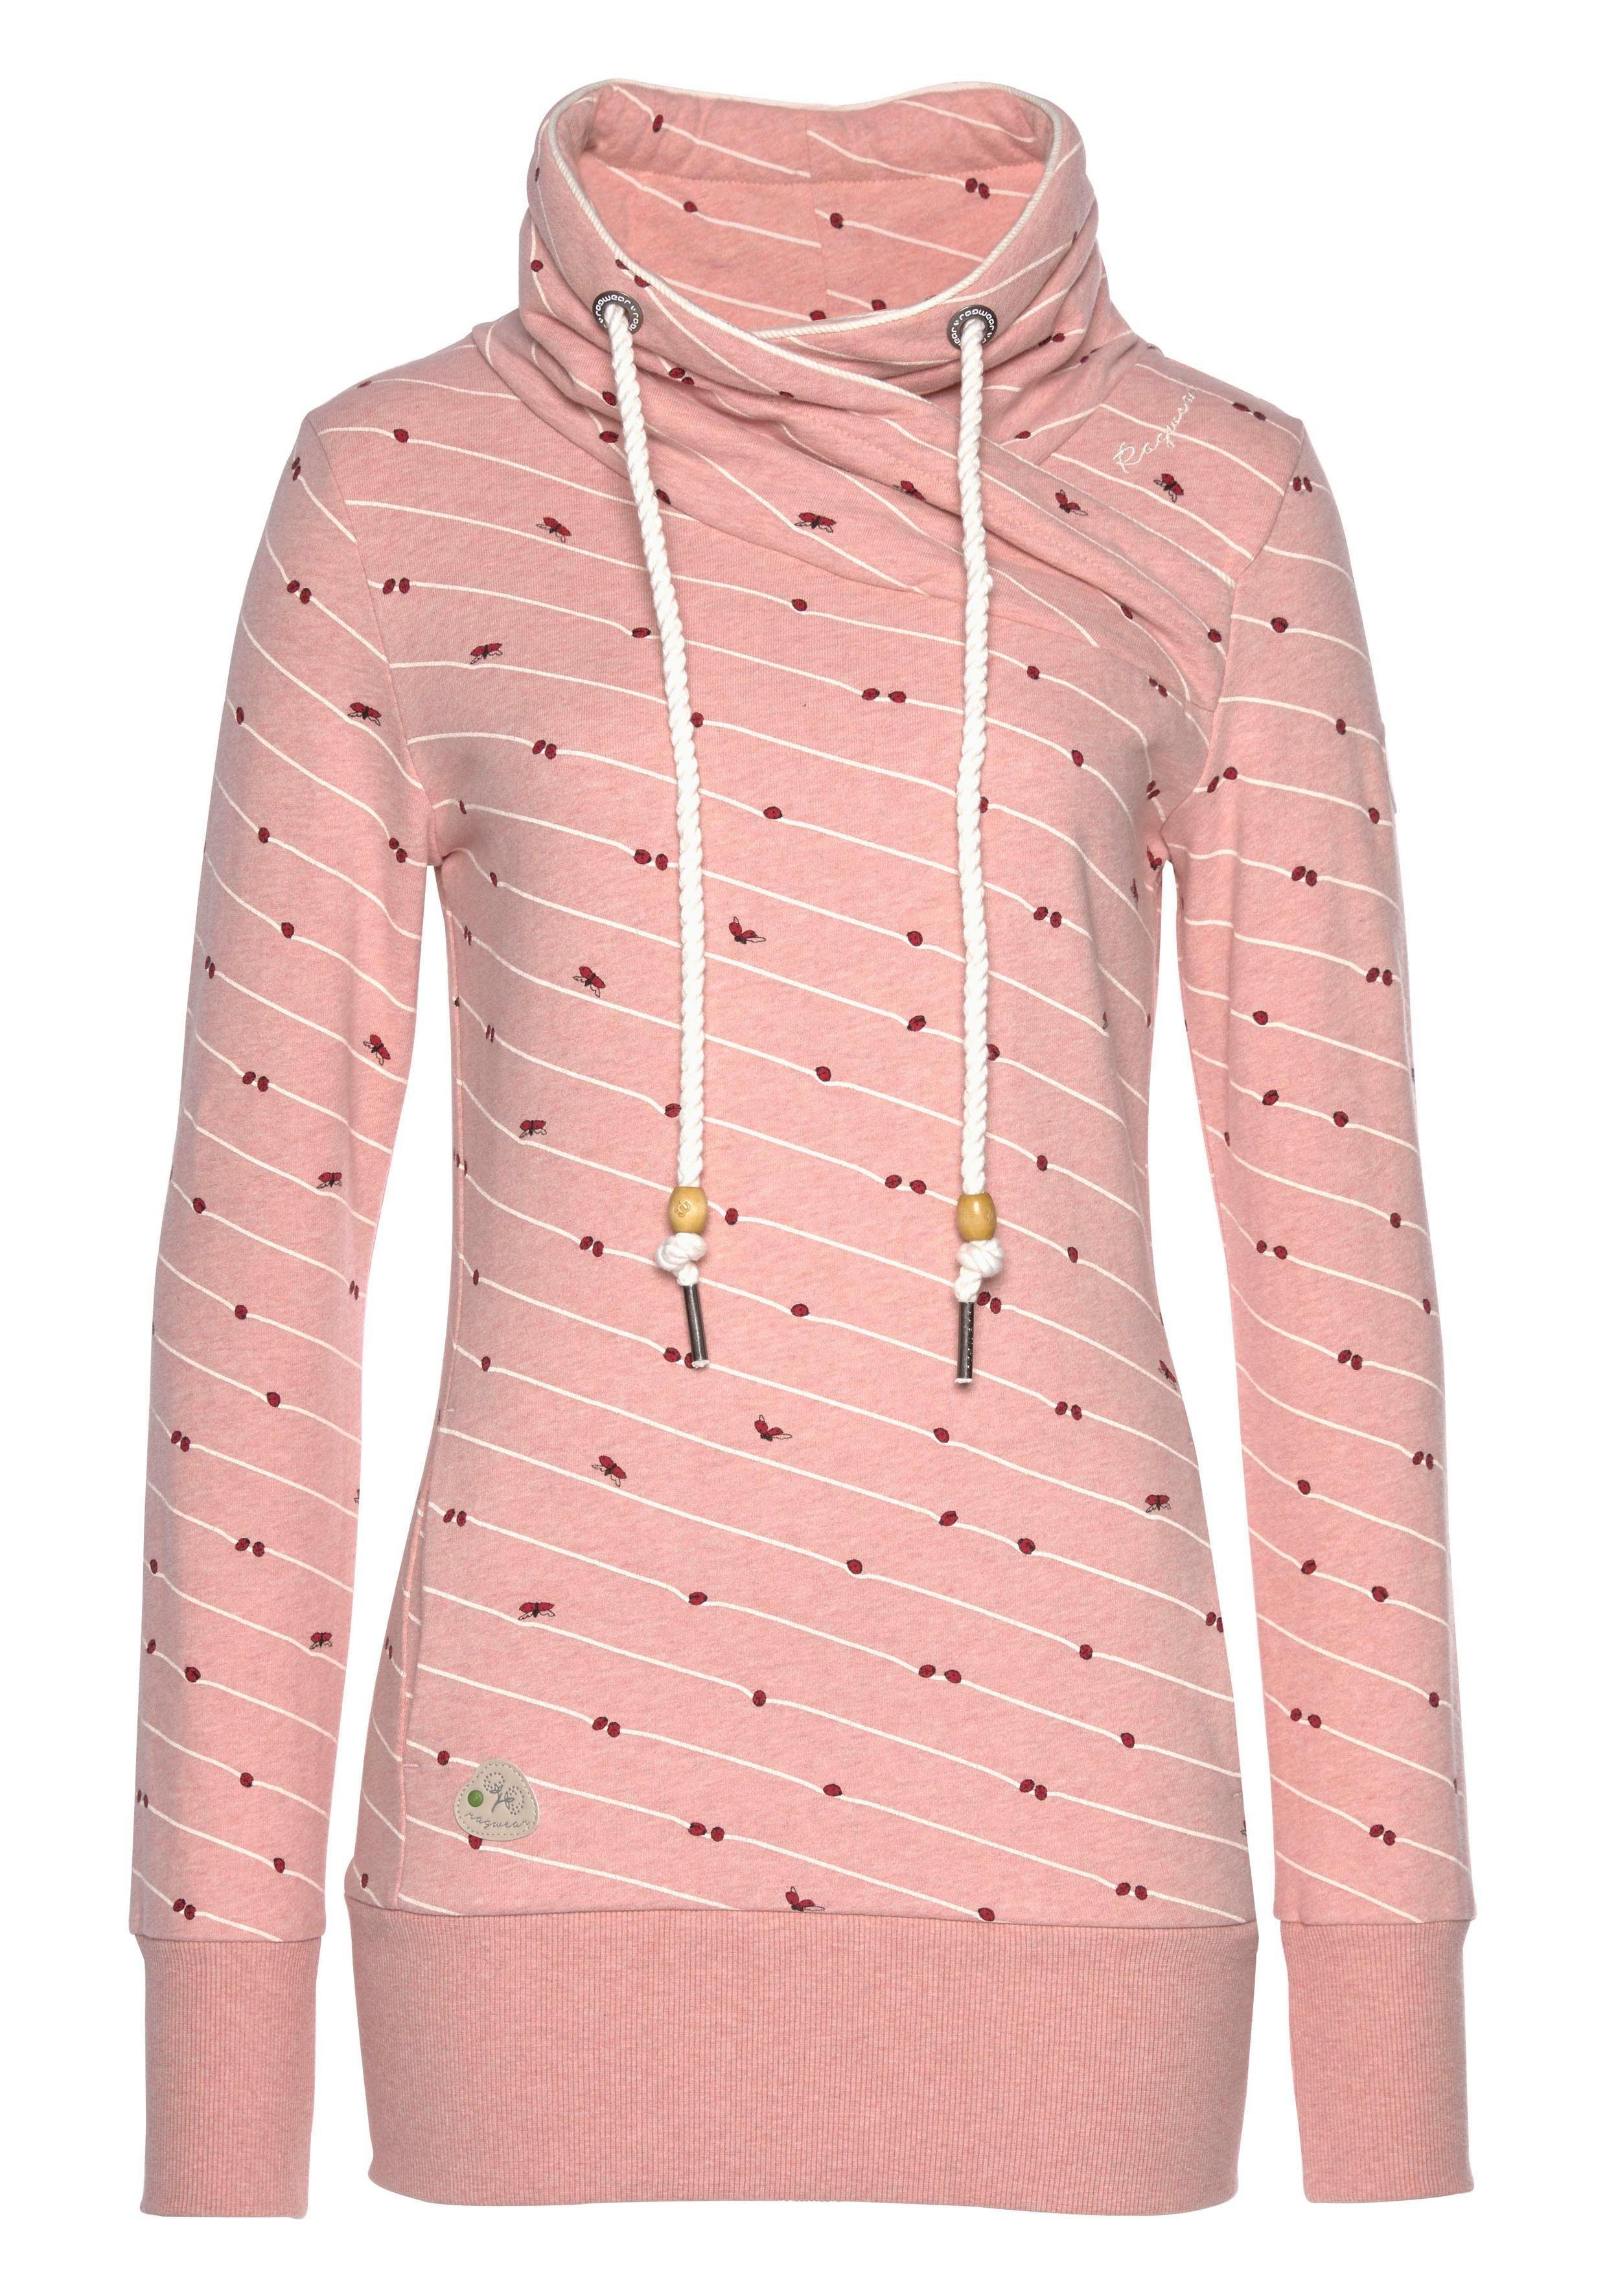 Ragwear Sweatshirt »NESKA A ORGANIC« mit Streifen und Glücks Allover Marienkäfer Print online kaufen | OTTO